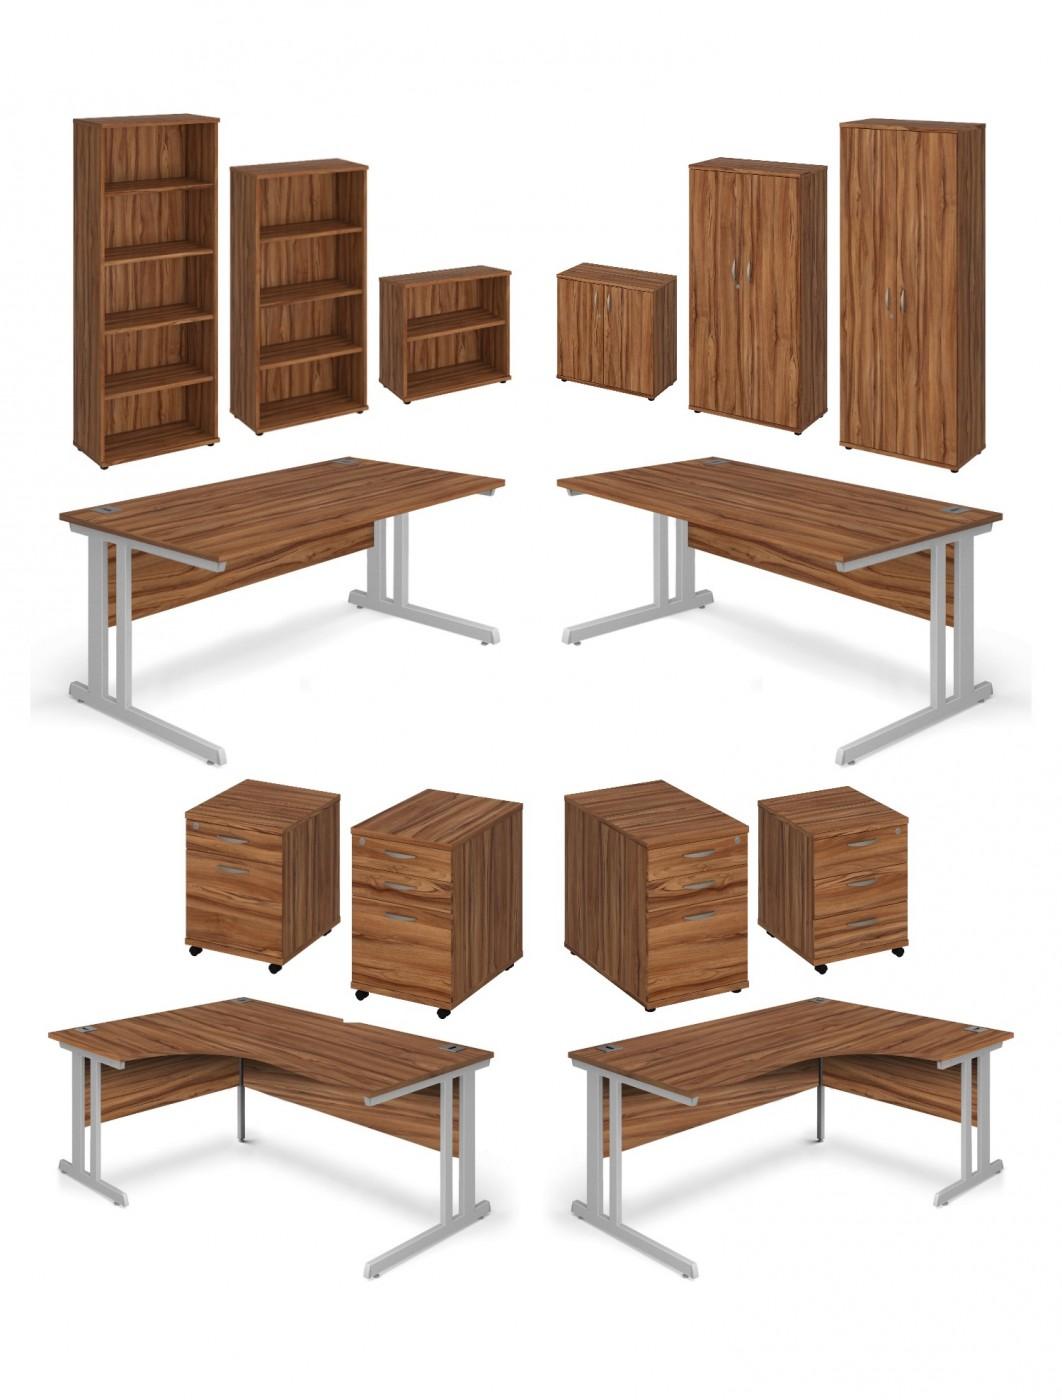 Walnut Office Desk 1400x800mm Aspire Desk Etsd1400wn 121 Office